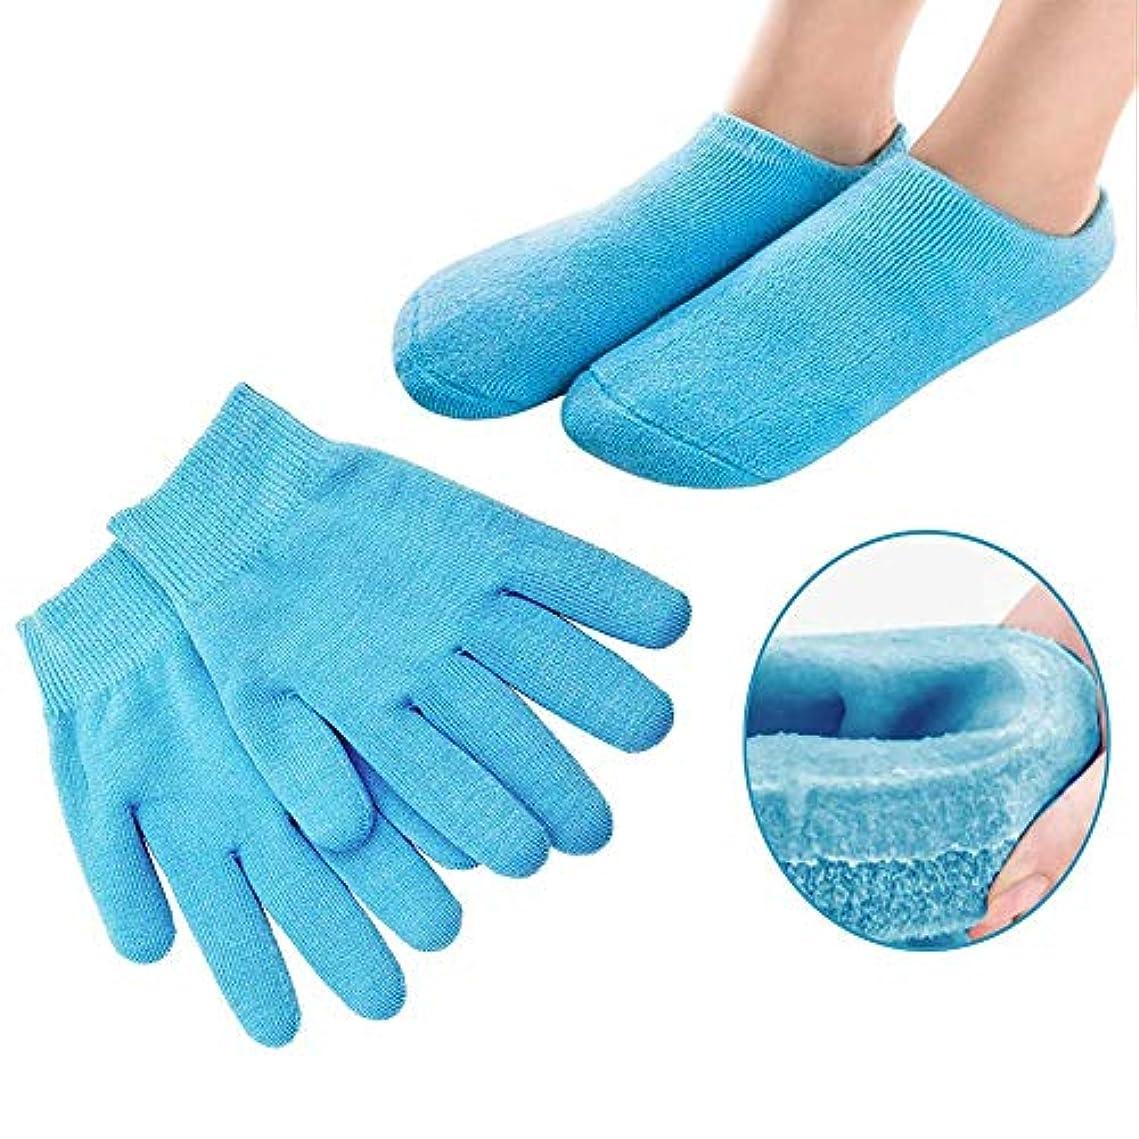 経営者演劇発見するPinkiou 眠る森のSPAジェルグローブ+SPAジェルソックス 手アグローブ フットケアソックス 角質取り 保湿 かかとケア オープントゥ 素肌美人 靴下と手袋セット いいお肌になりましょう(ブルー)